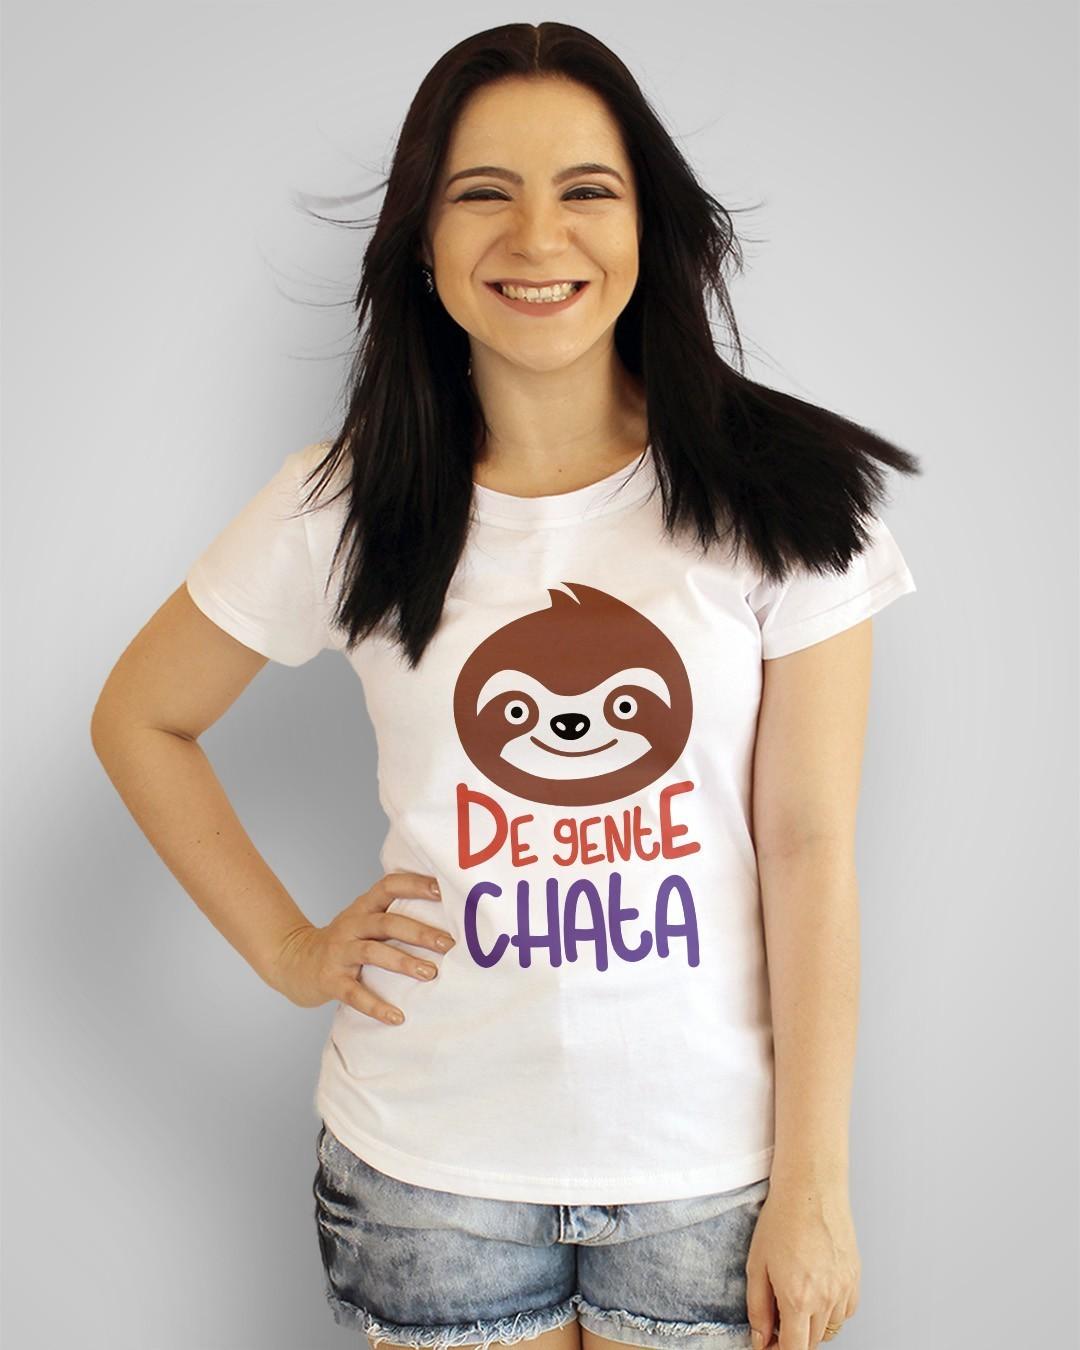 Camiseta Preguiça de gente chata